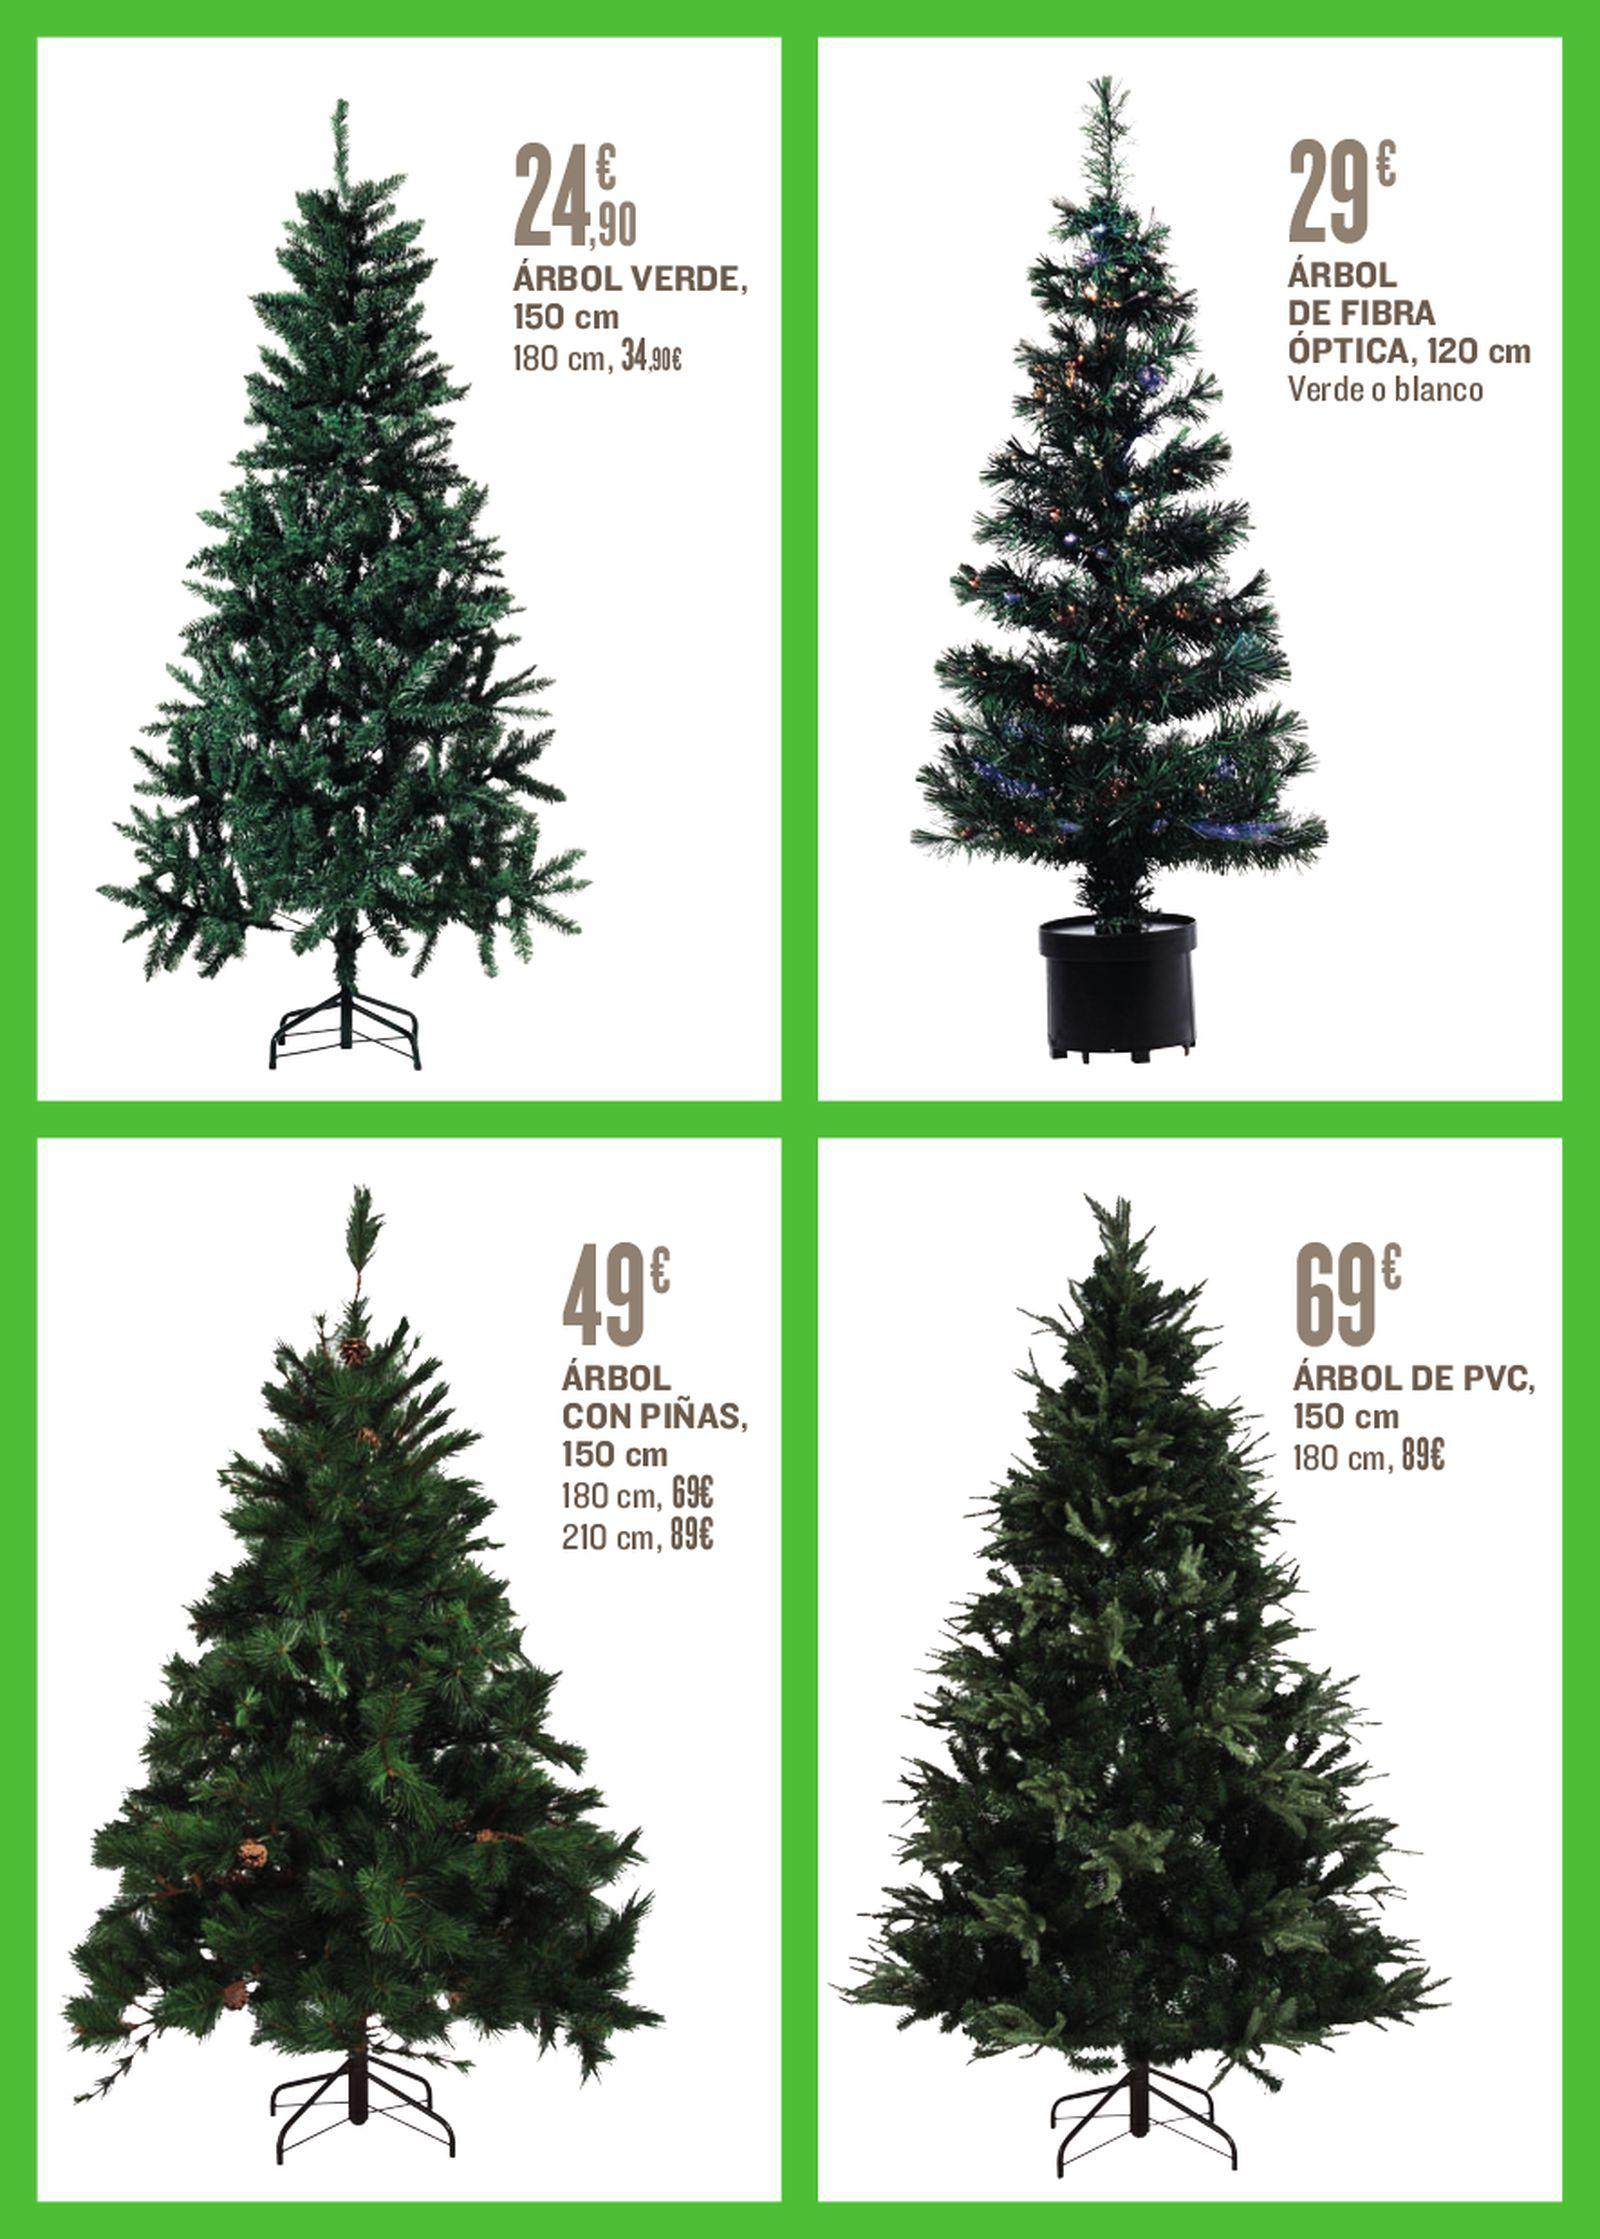 36834dbe598 Mirando el catálogo vas a poder también ver el Set de 36 bolas al precio  increíble de 6€. Para que puedas adornar tu árbol de navidad.